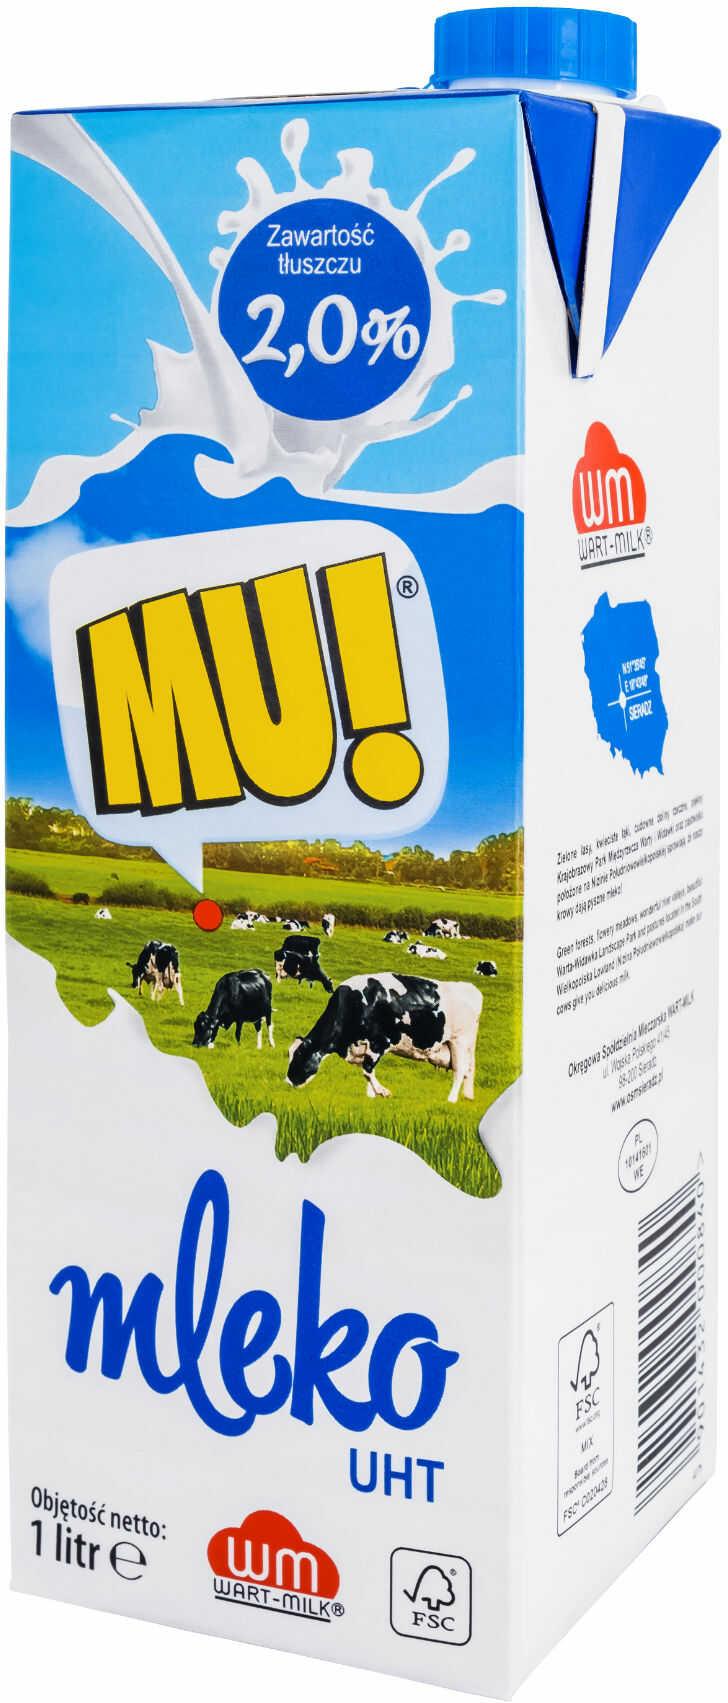 Mleko UHT 1l 2% MU!